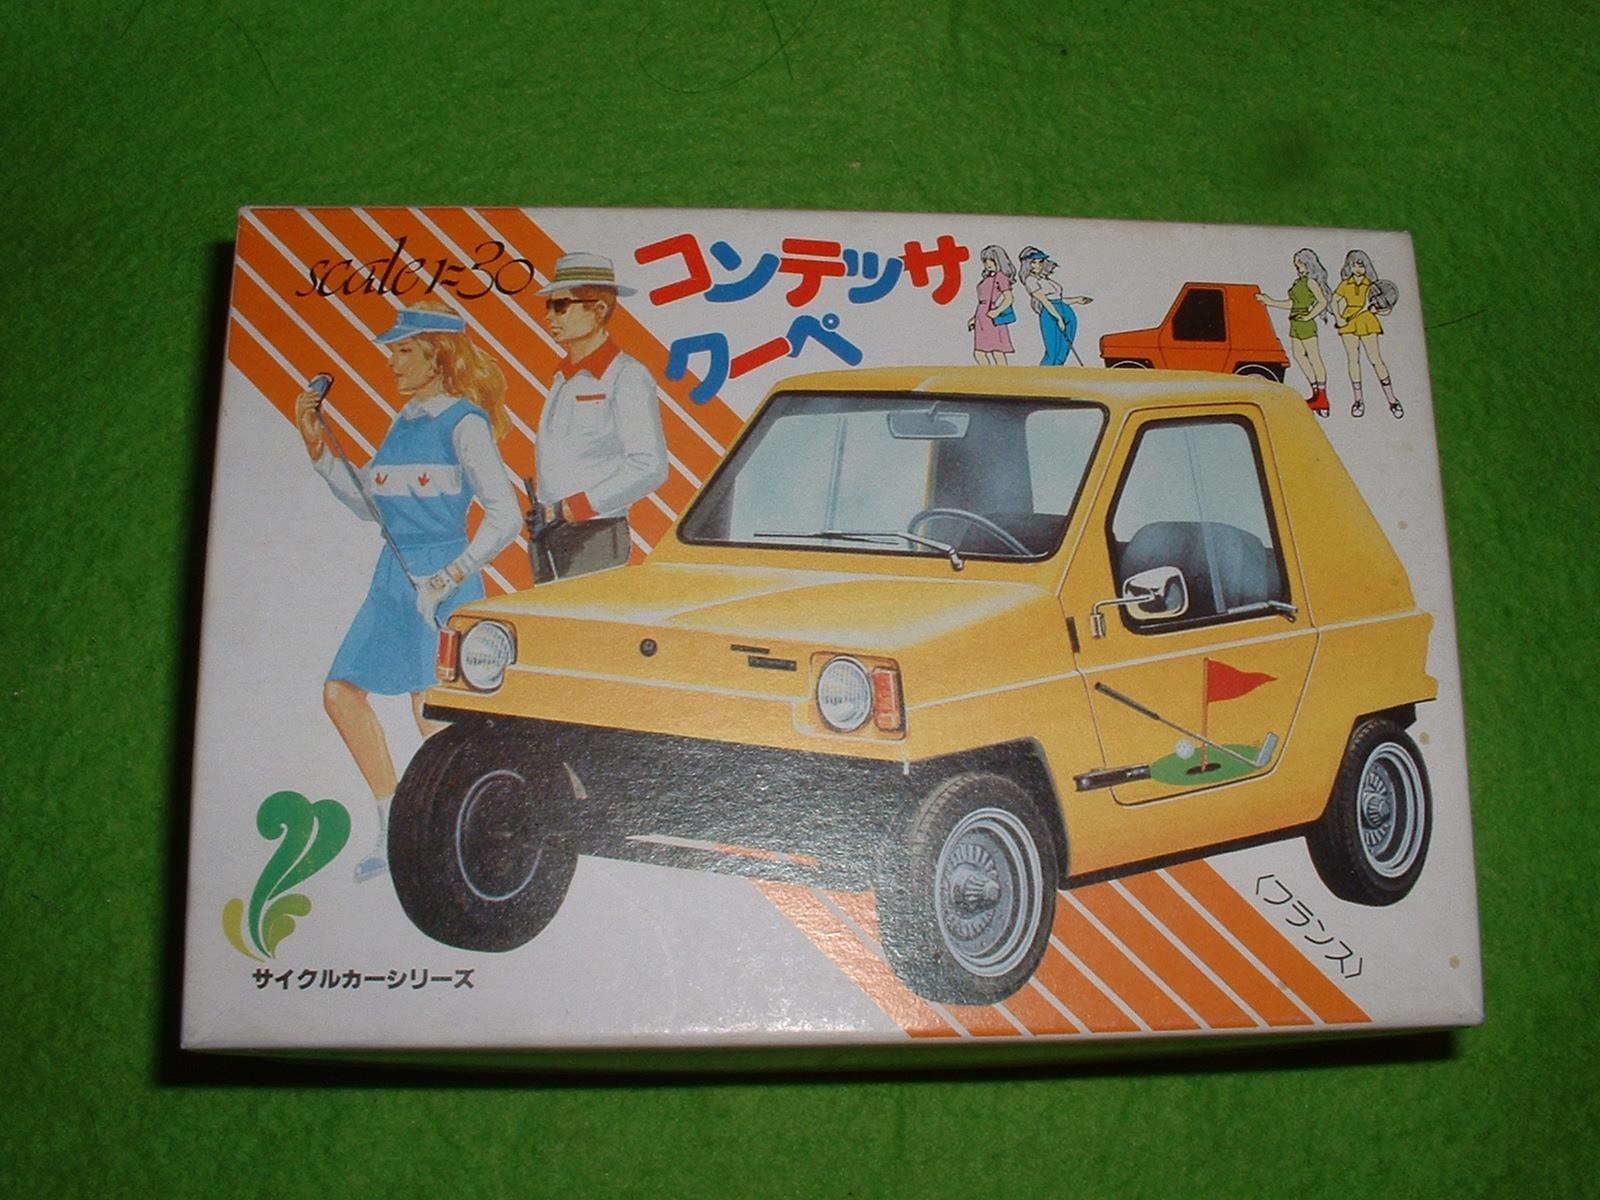 河合商会 30分の1 No.1 「サイクルカー コンテッサ クーペ」 外箱 Doburoku-TAO.JPG